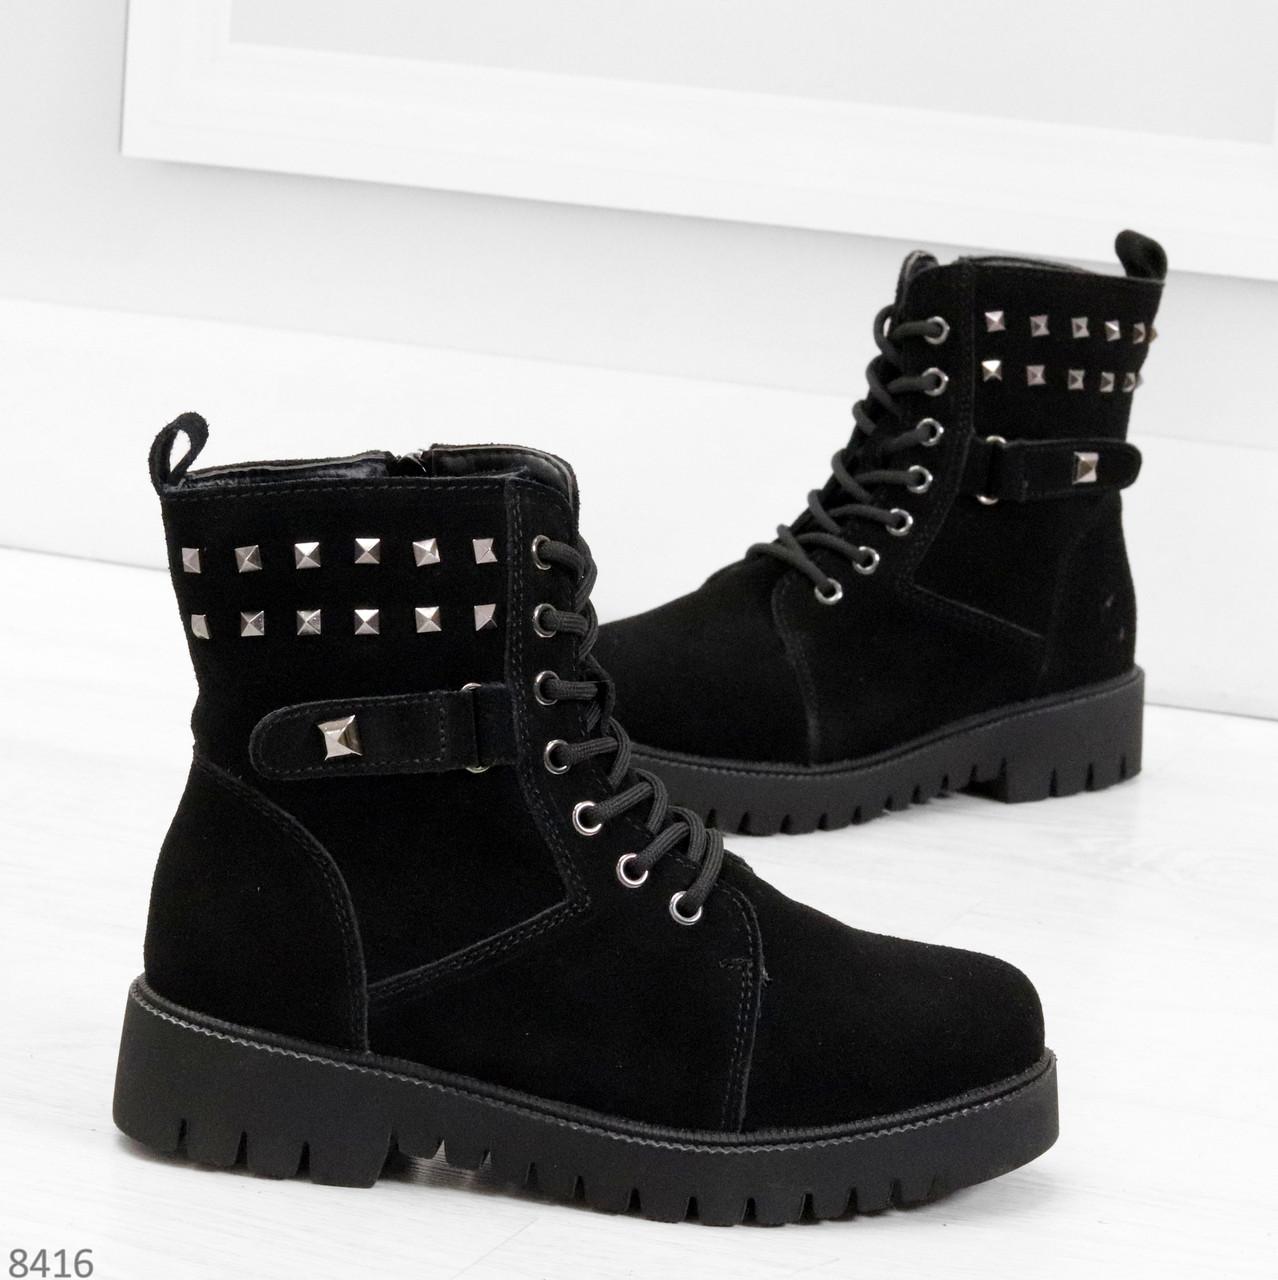 Черные замшевые практичные женские зимние ботинки замша низкий ход 41-26,5см